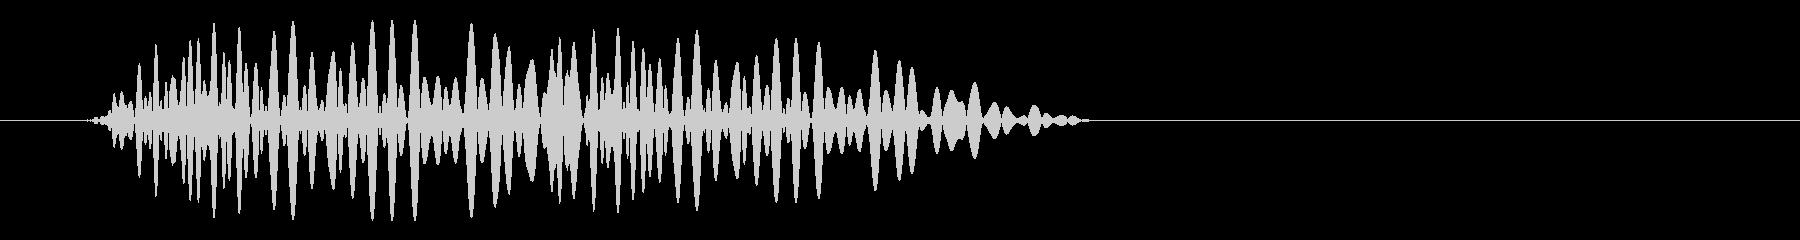 ポヨン(短く振動する音)の未再生の波形